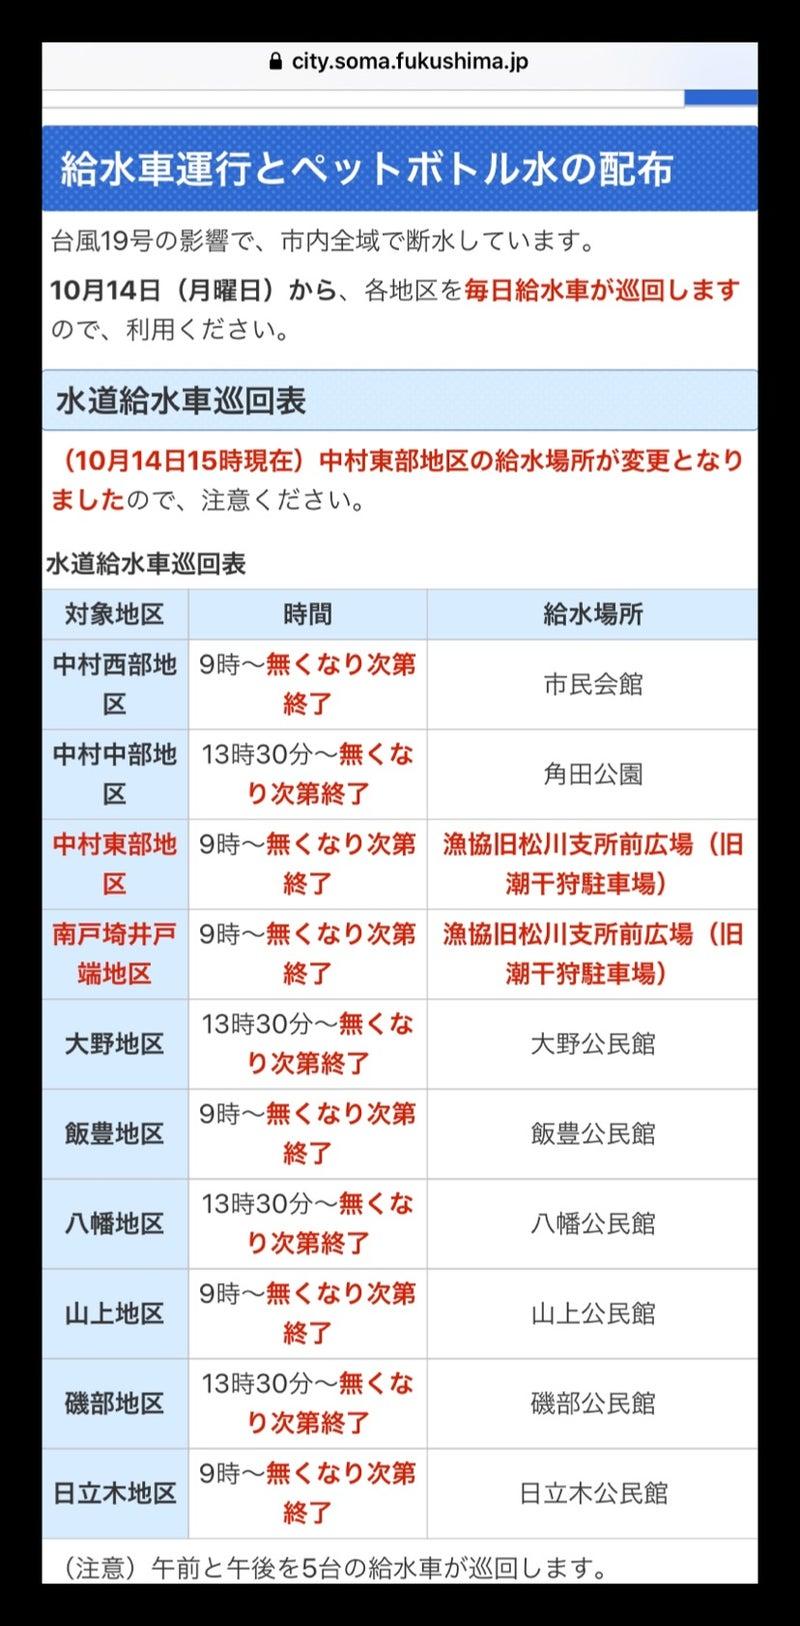 相馬 市 ホームページ